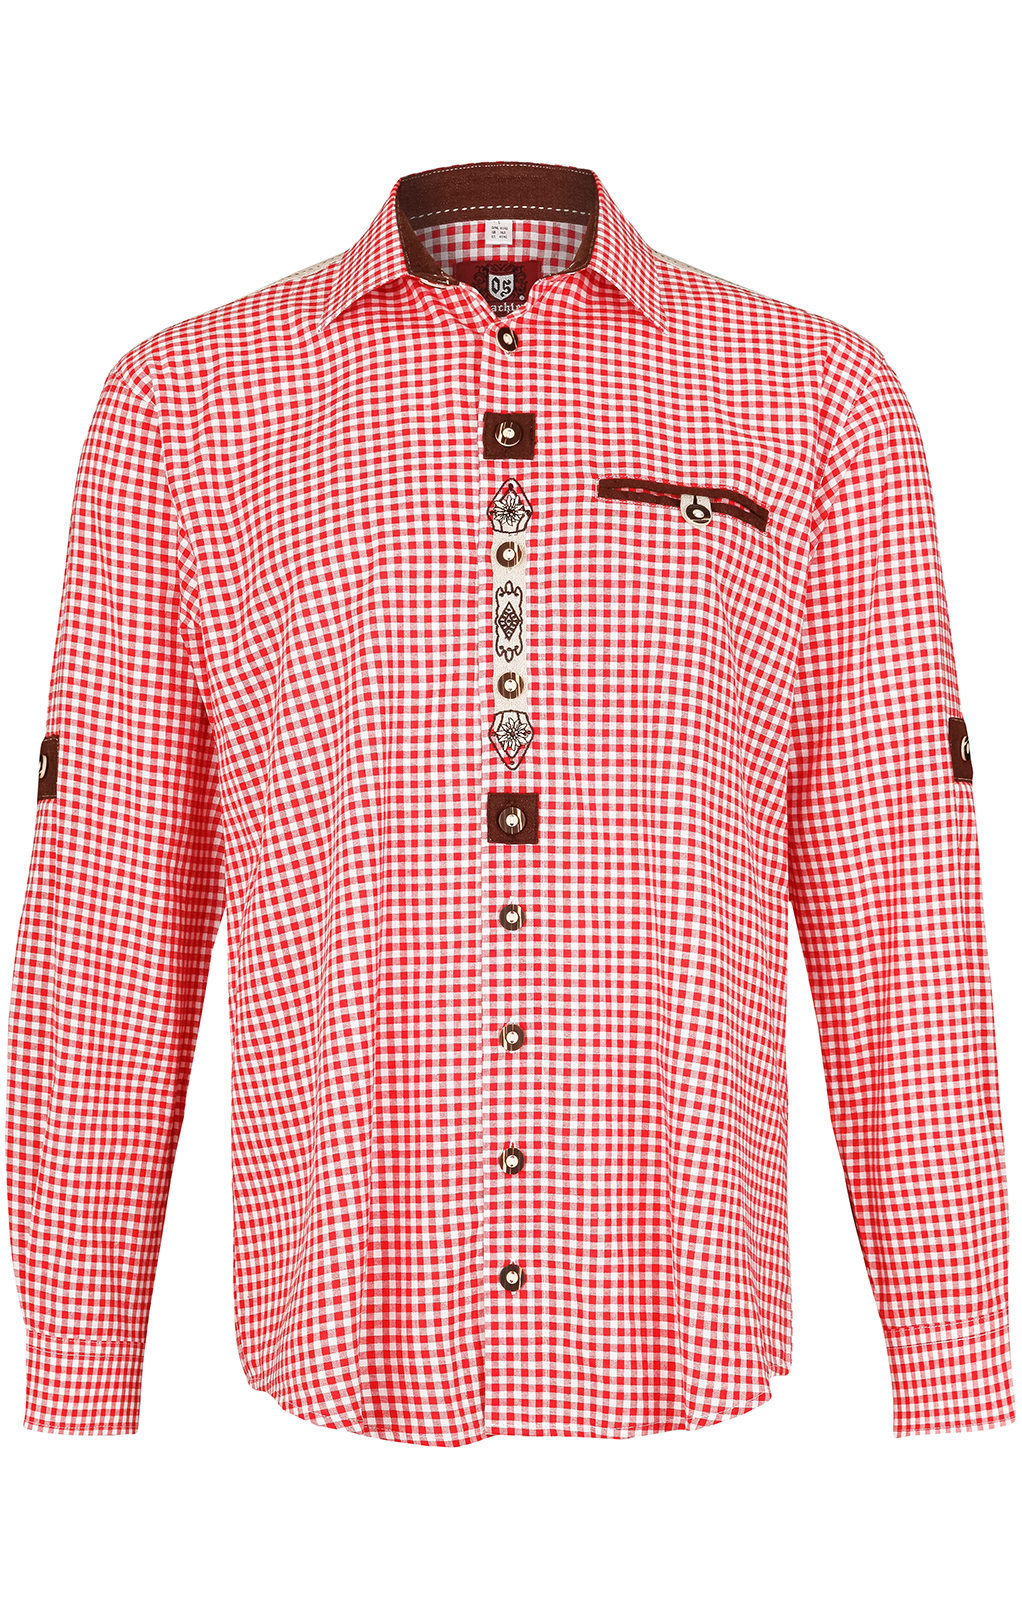 weitere Bilder von Trachtenhemd Krempelarm BELINI Karo weiss rot